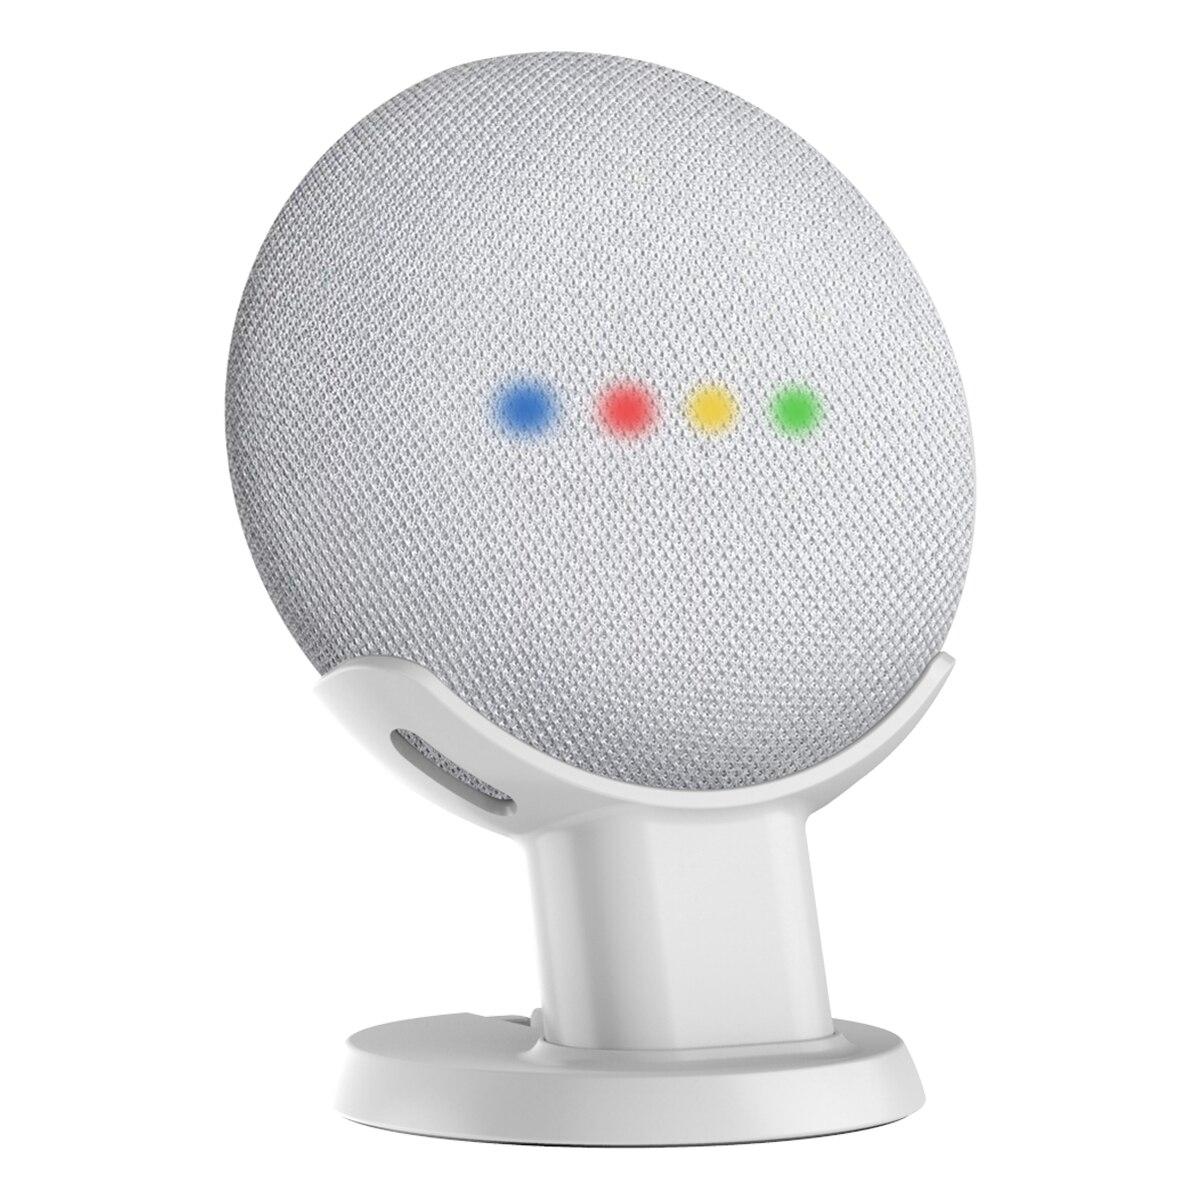 Для Google Home мини настольная подставка, Настольный держатель, голосовые ассистенты, компактный держатель, чехол, штепсельная вилка, для кухни,...